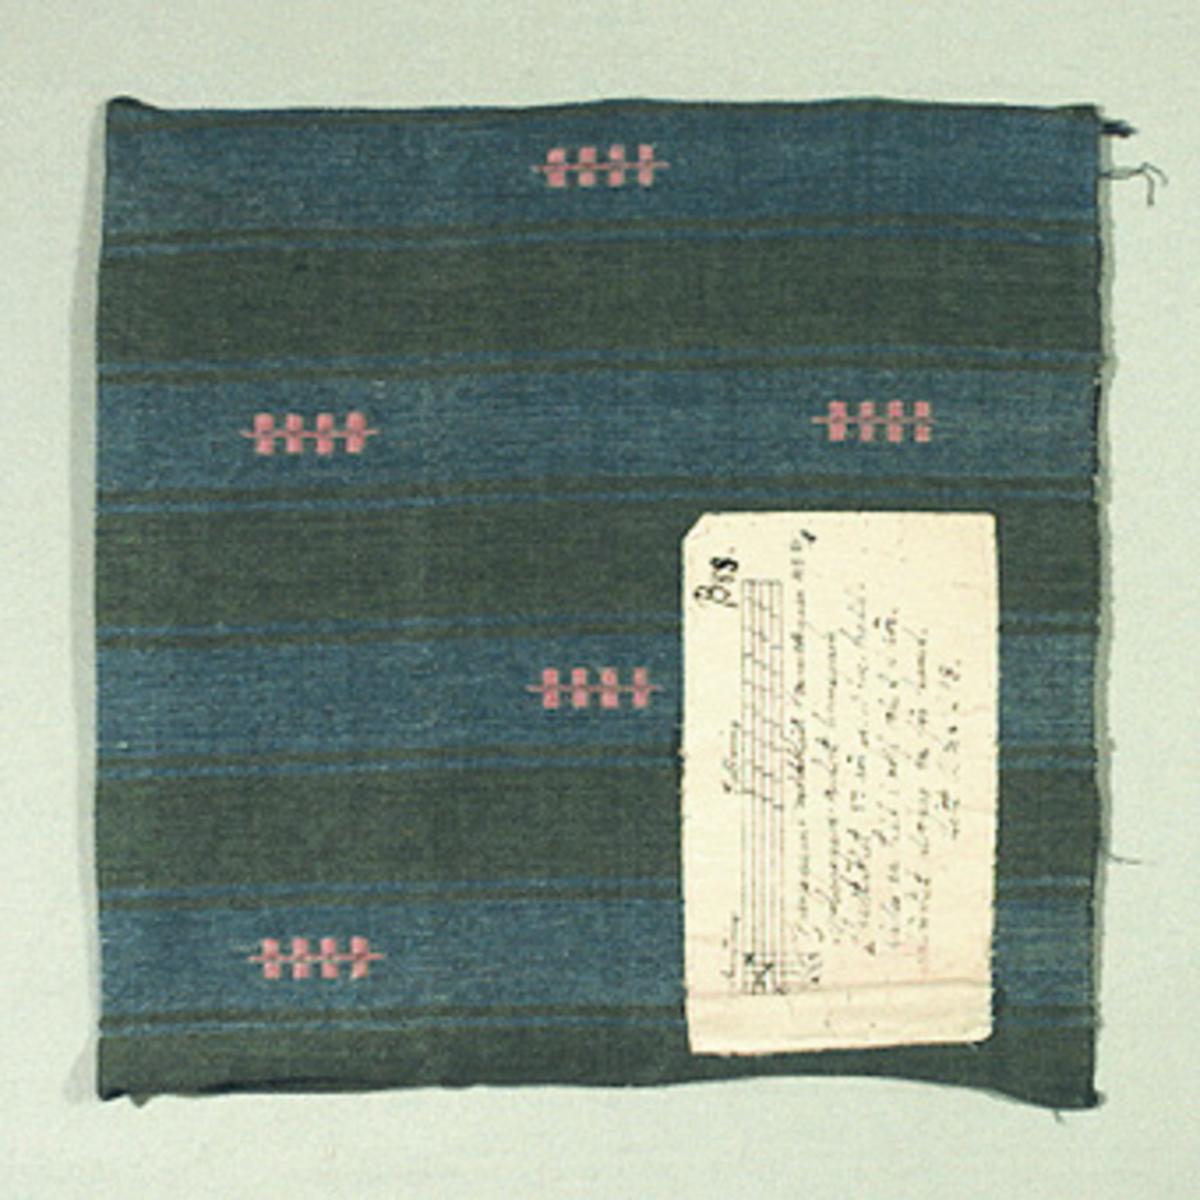 Vävprov ämnat för möbetyg vävt med bomulls- och lingarn i färgerna blått, grönt och rosa. Vävtekniken är korskypert med mönsterinplock. På vävprovet finns påsytt en vaxad tyglapp med vävinformation. Vävprovet är märkt B88.